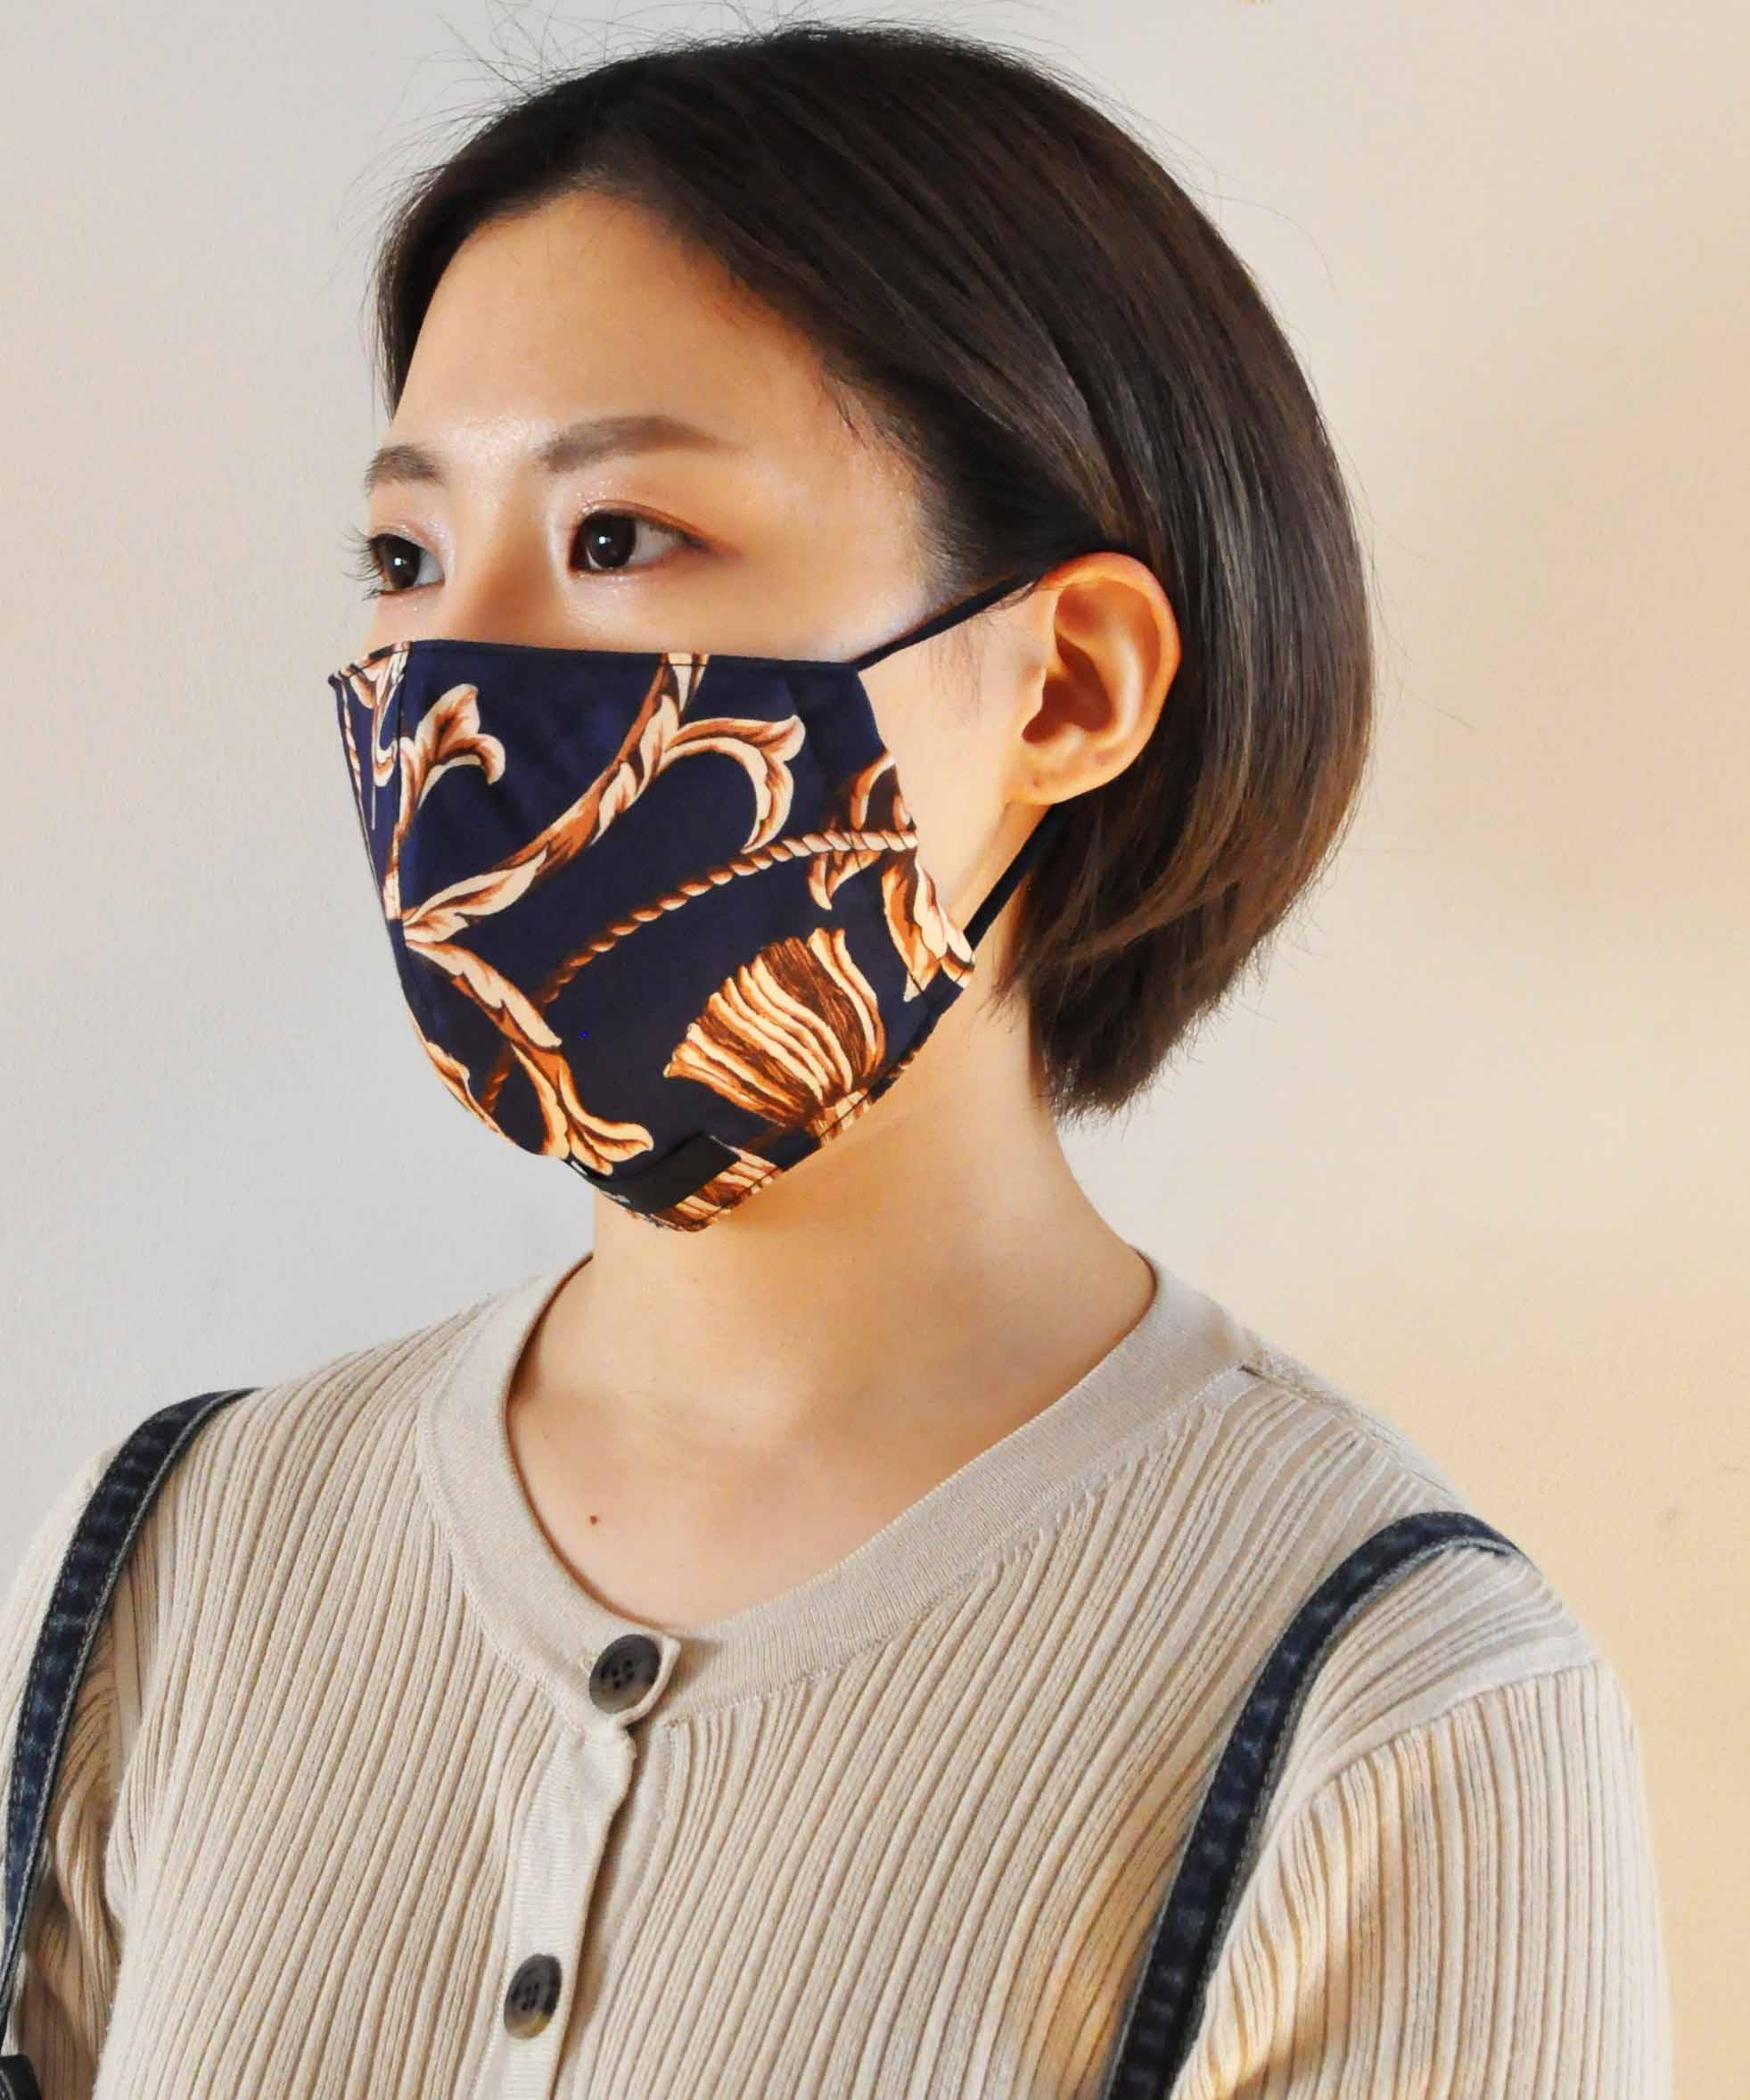 マスク ジョンブル デニム 信頼の日本製「ジョンブル」の洗えるマスクは、着こなしを楽しむ2カラーセット!